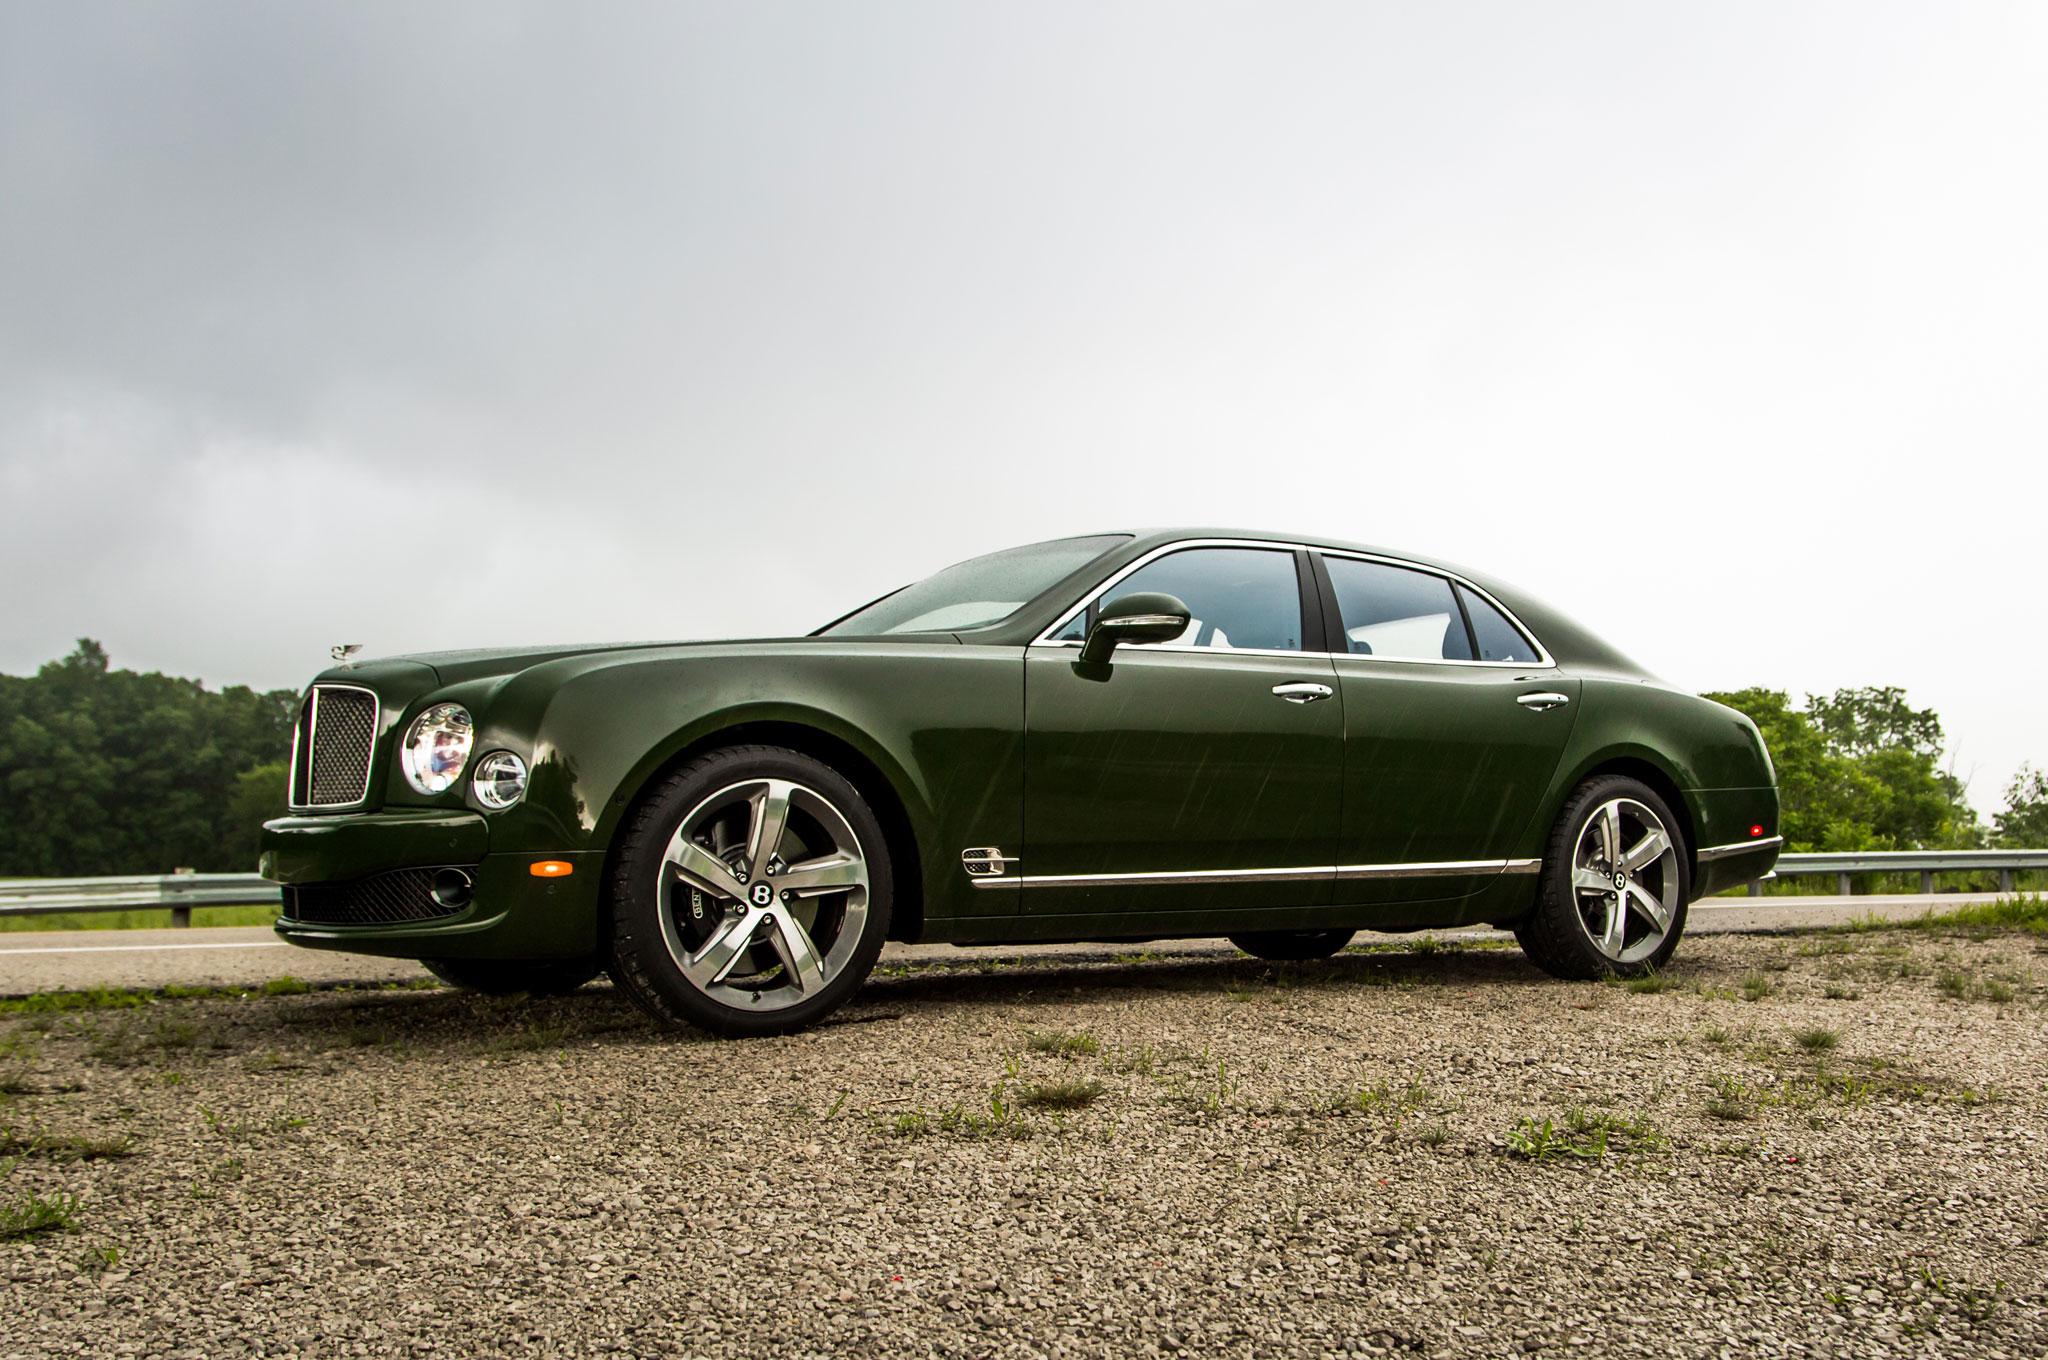 2016 Bentley Mulsanne Speed Front Three Quarter 04